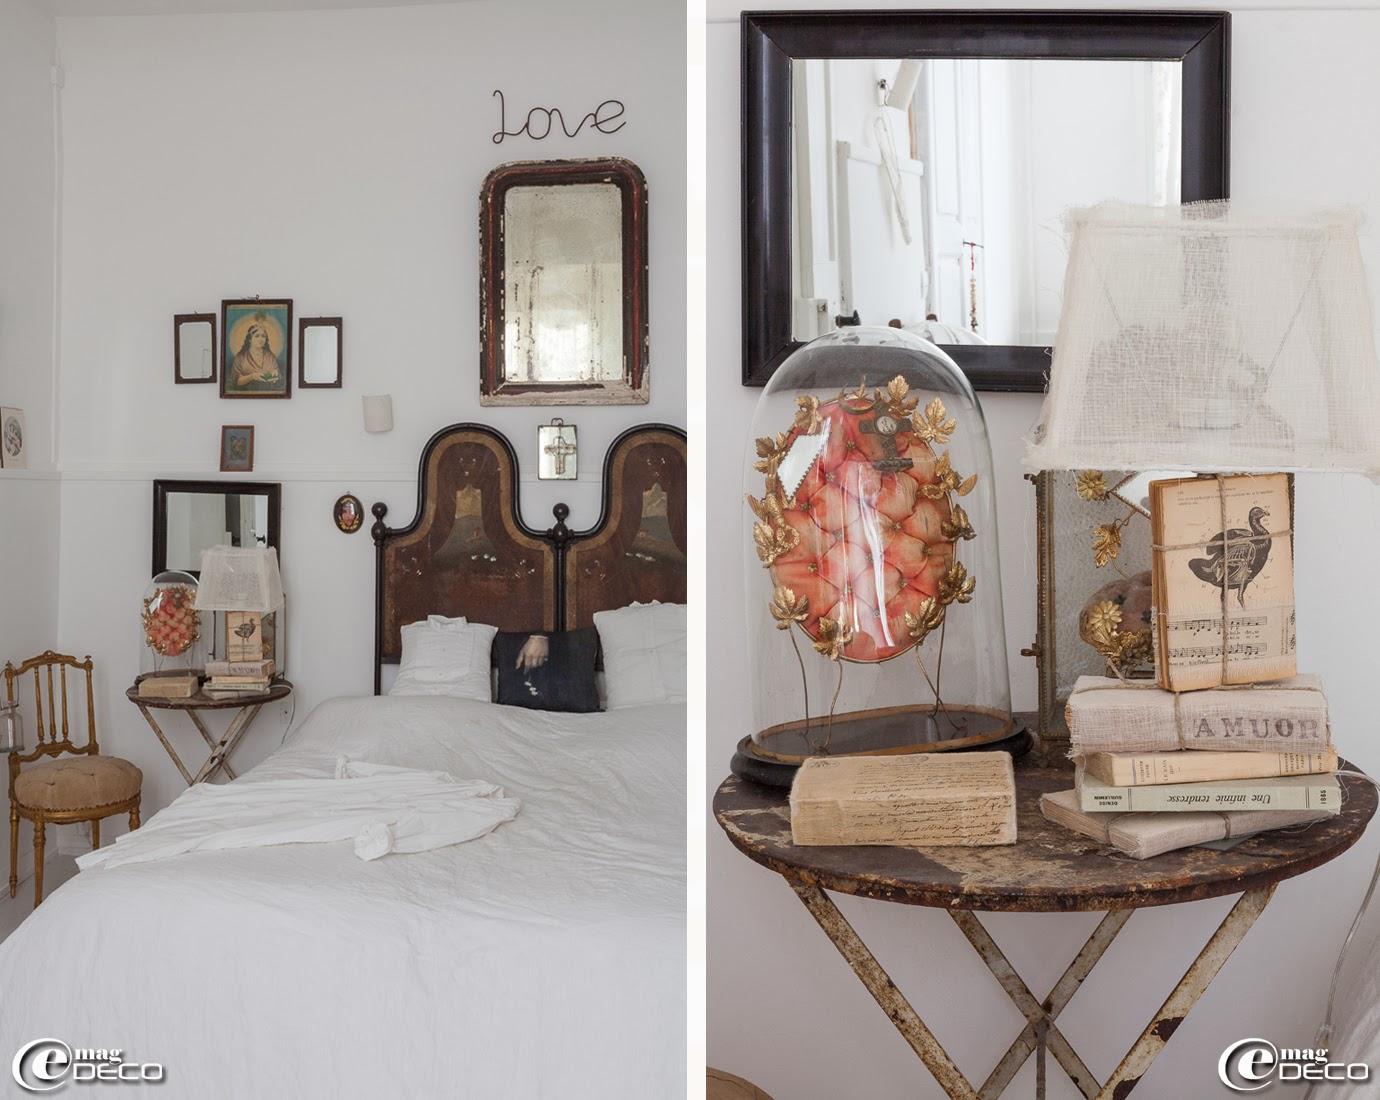 Chaise dorée Napoléon III, lampe 'Readme' création 'Borgo delle Tovaglie', boutique 'Clair de Lune' à Uzès